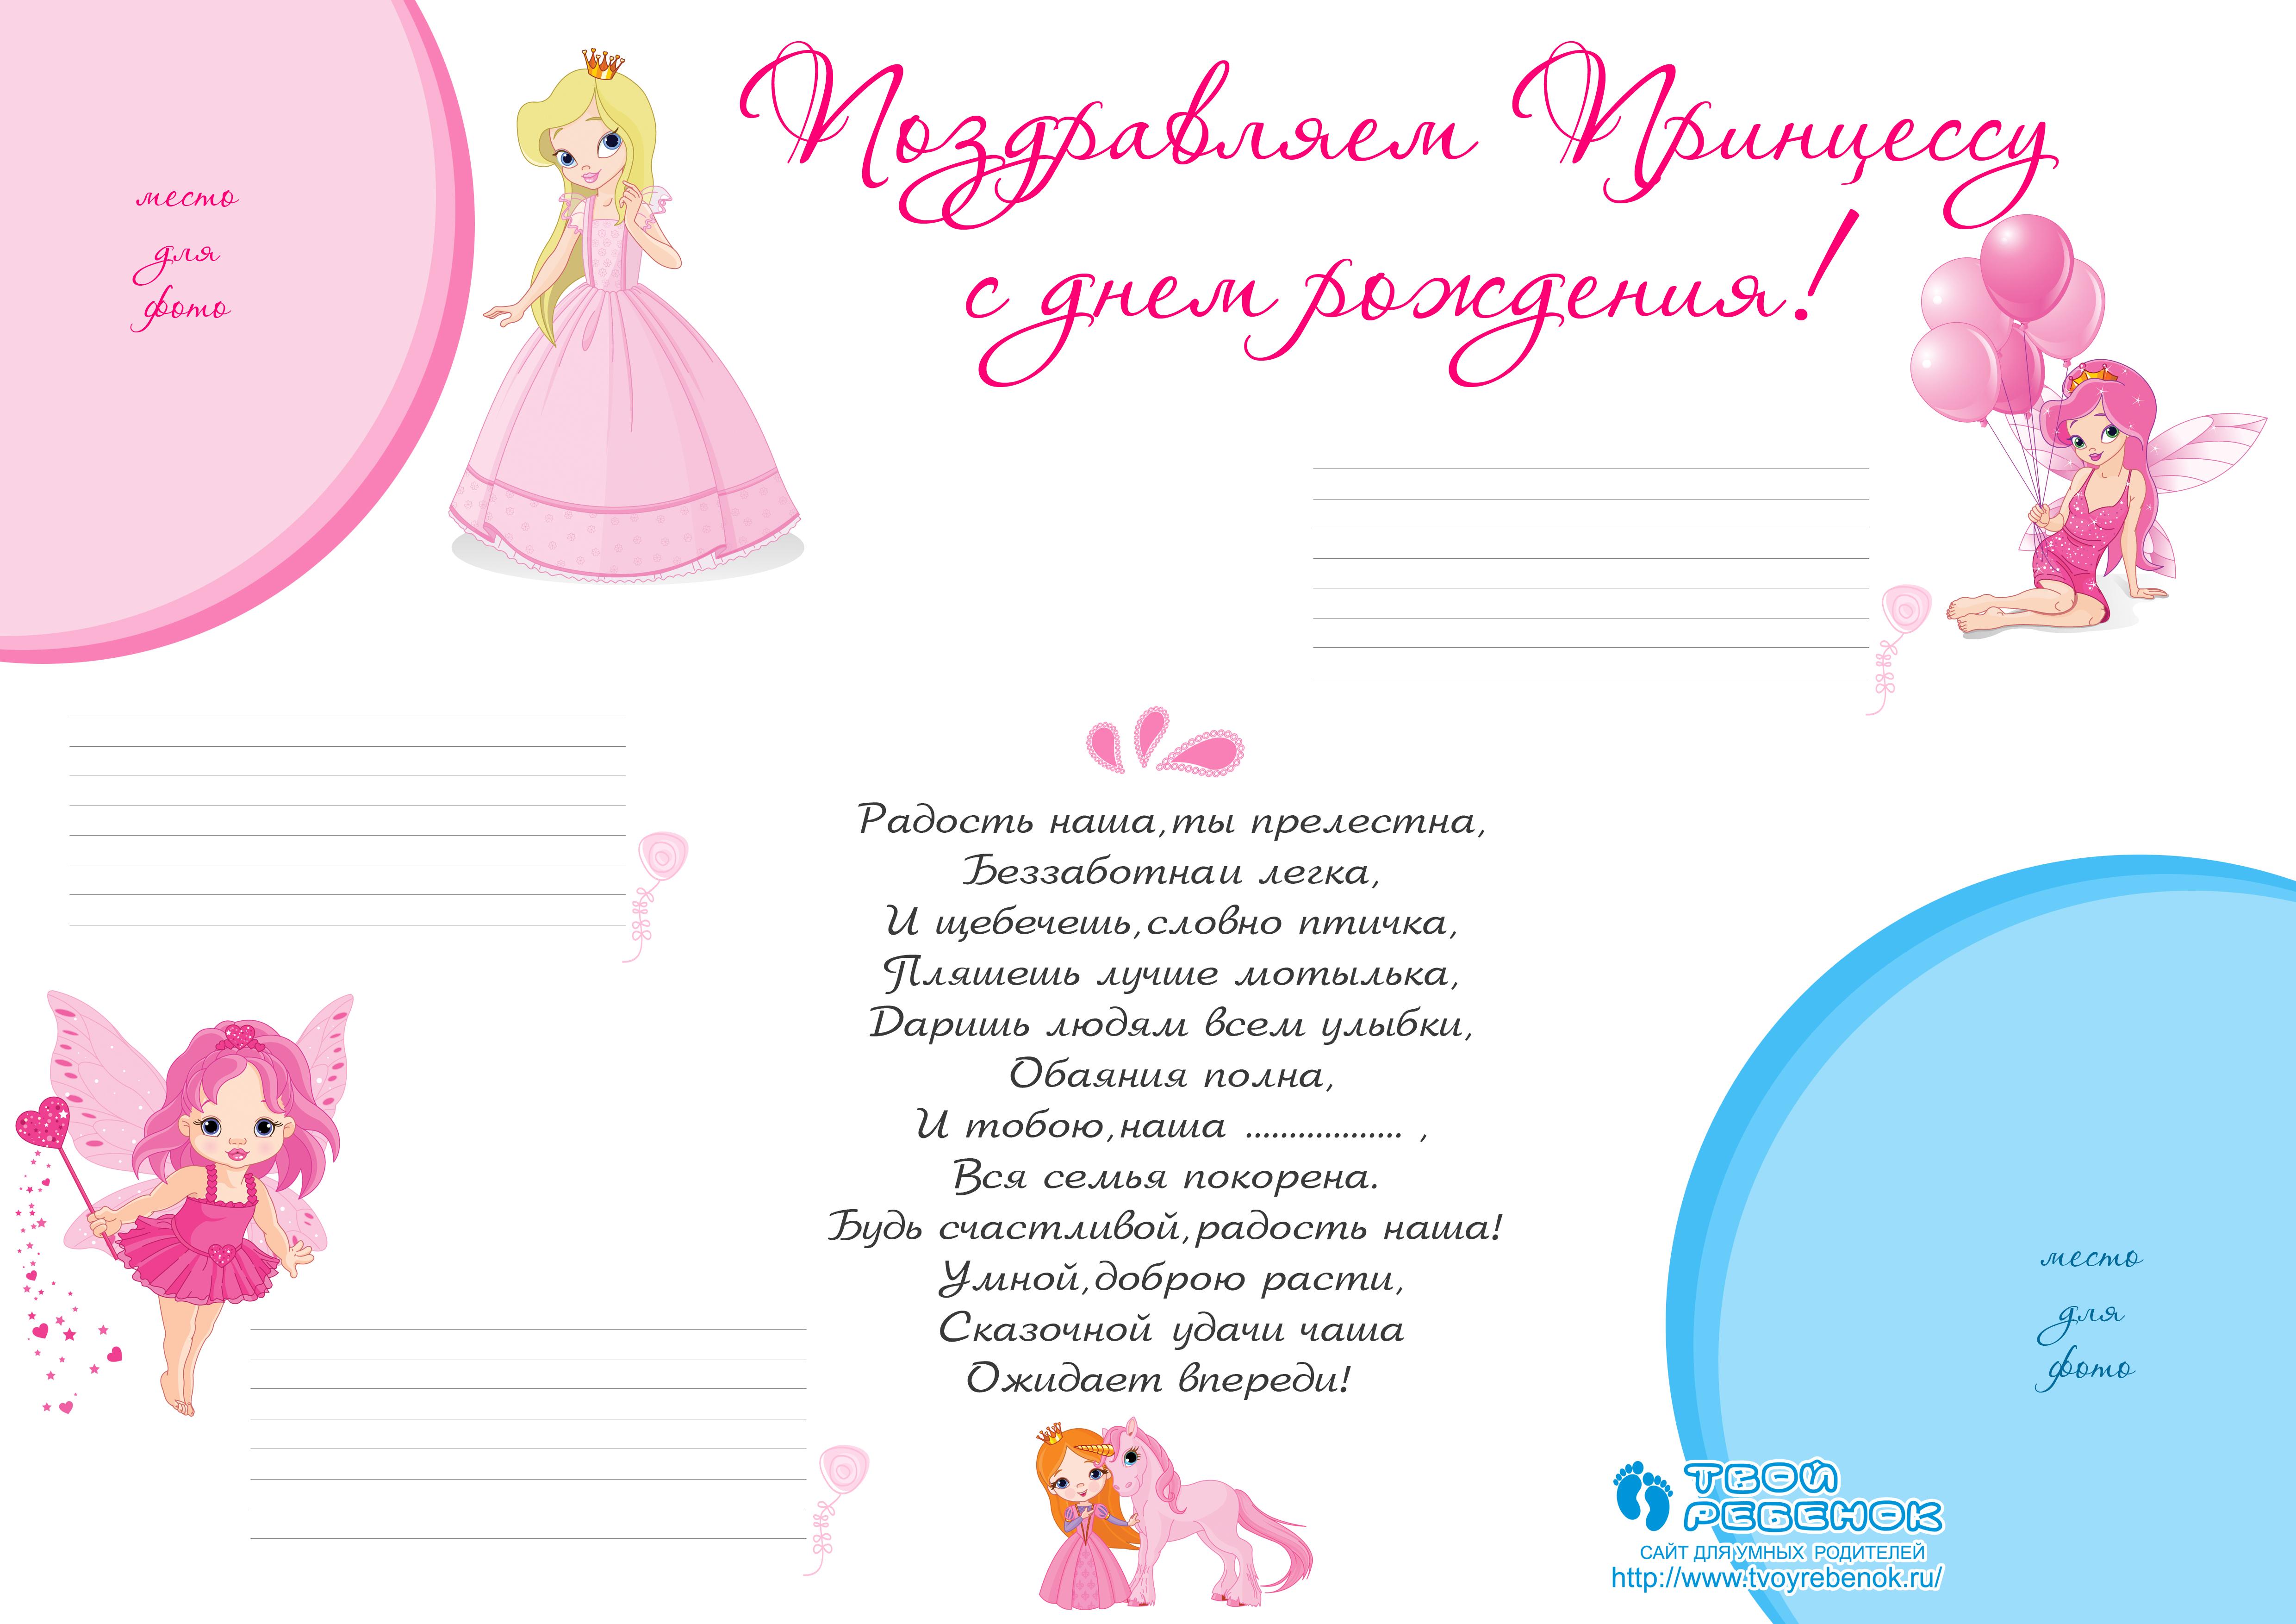 Как подписать открытку для девочки 6 лет, открытки вячеславу